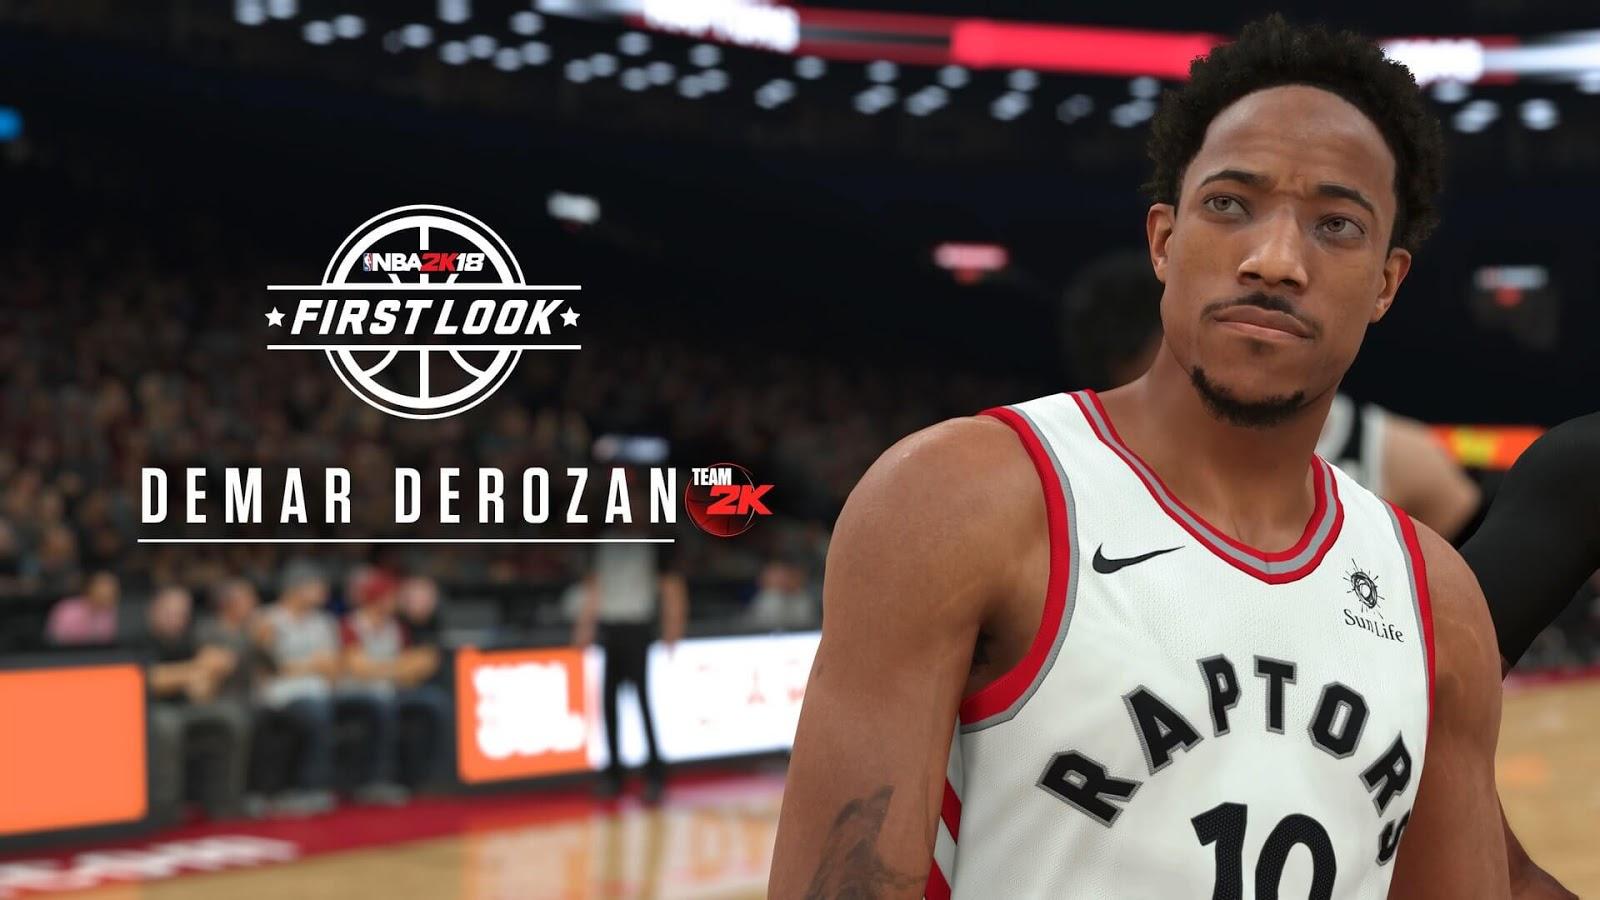 NBA 2k18 DeMar DeRozan Screenshot